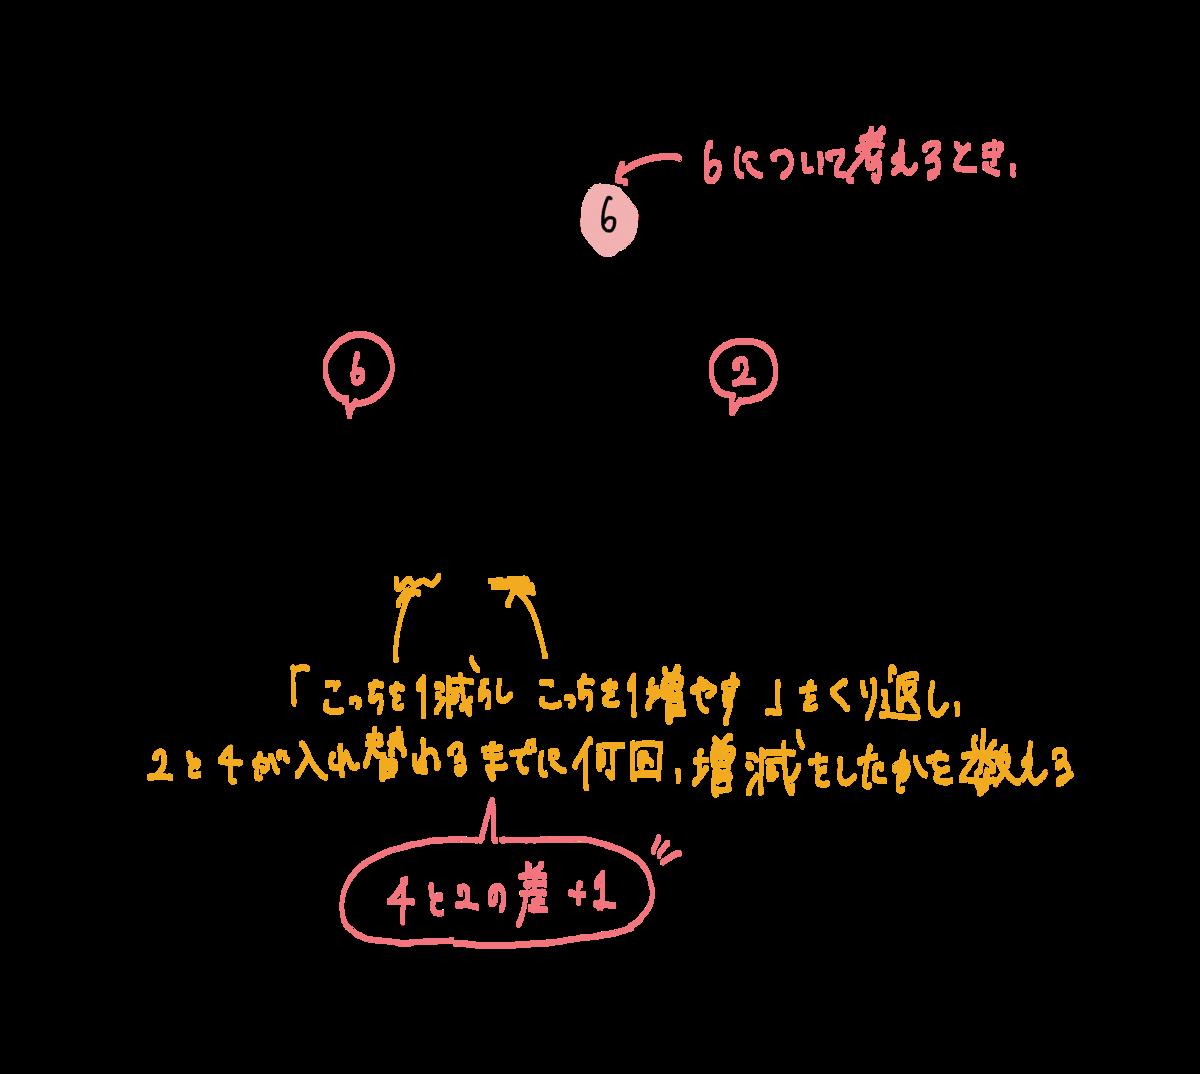 f:id:makitoriel:20210213235744p:plain:w500